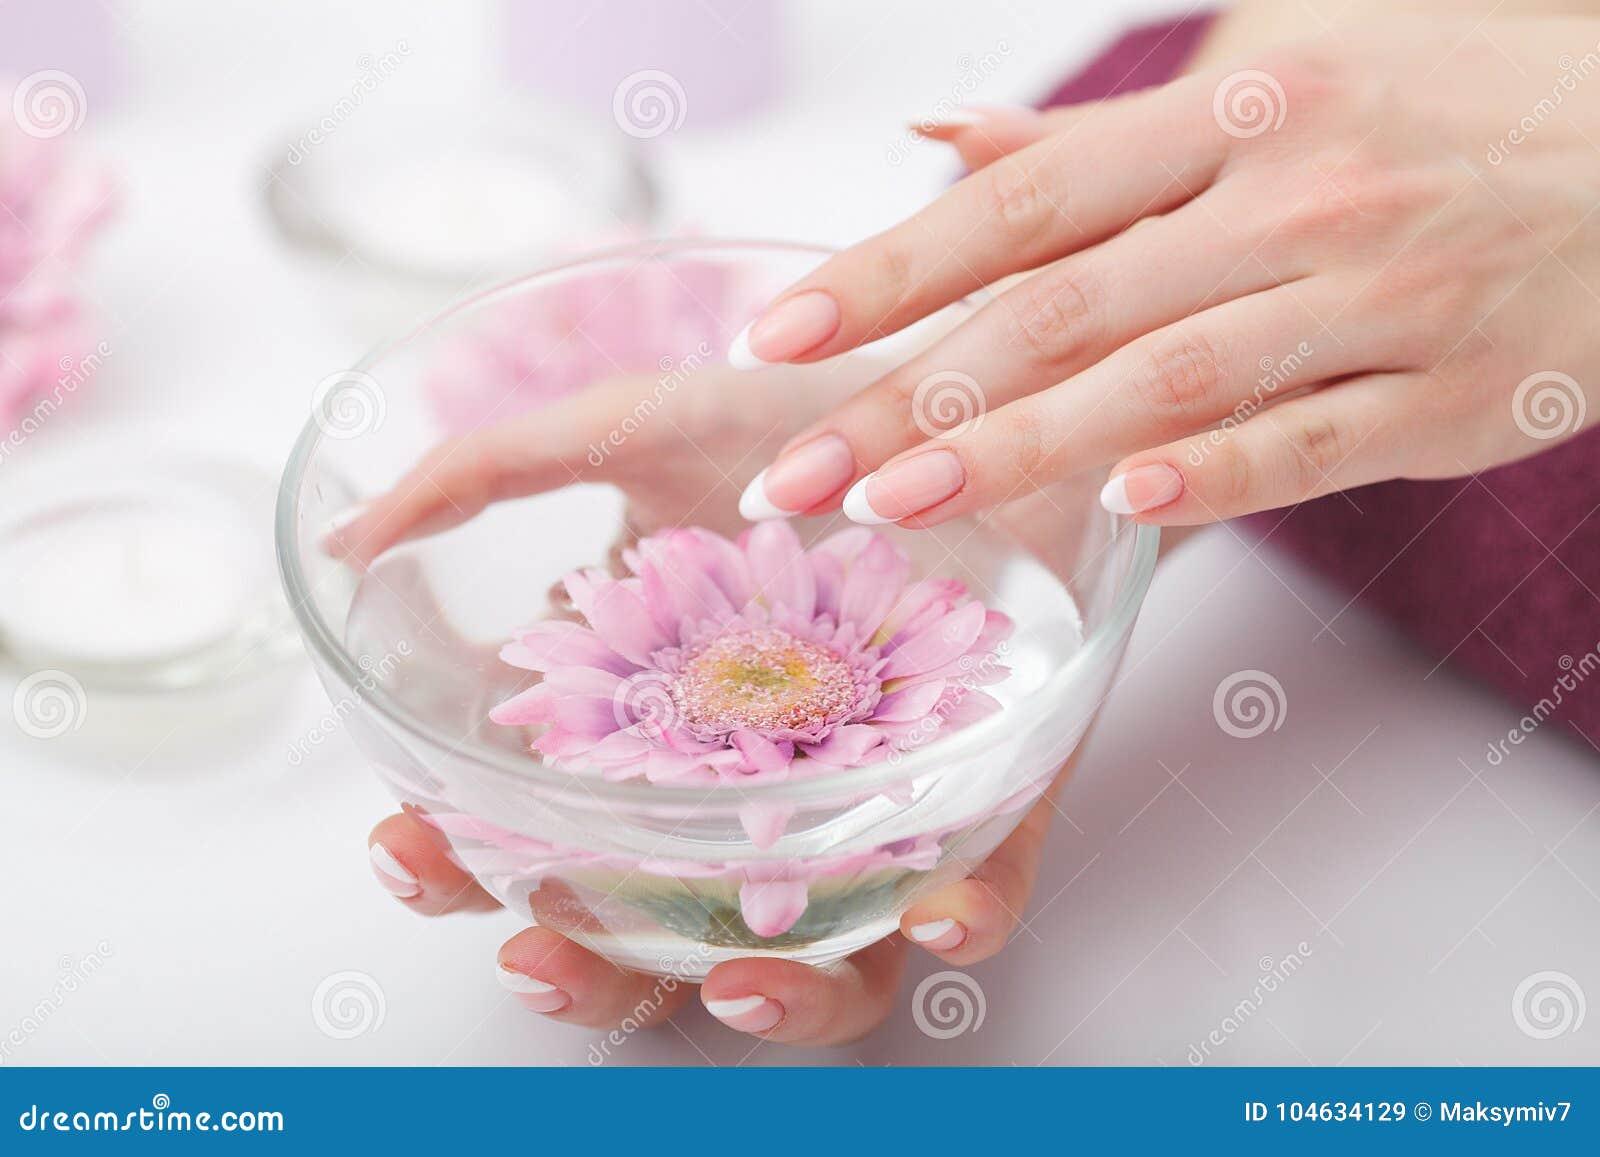 Download Manicure En Hands Spa De Mooie Vrouw Overhandigt Close-up Stock Afbeelding - Afbeelding bestaande uit manicured, mooi: 104634129